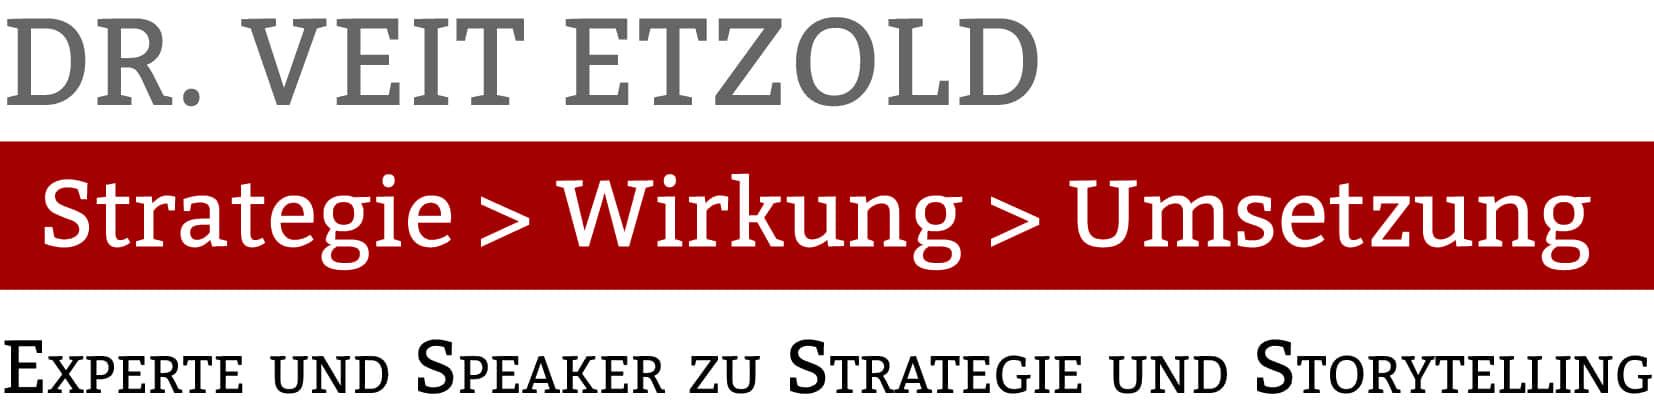 Partner Training für große Strategieberatung